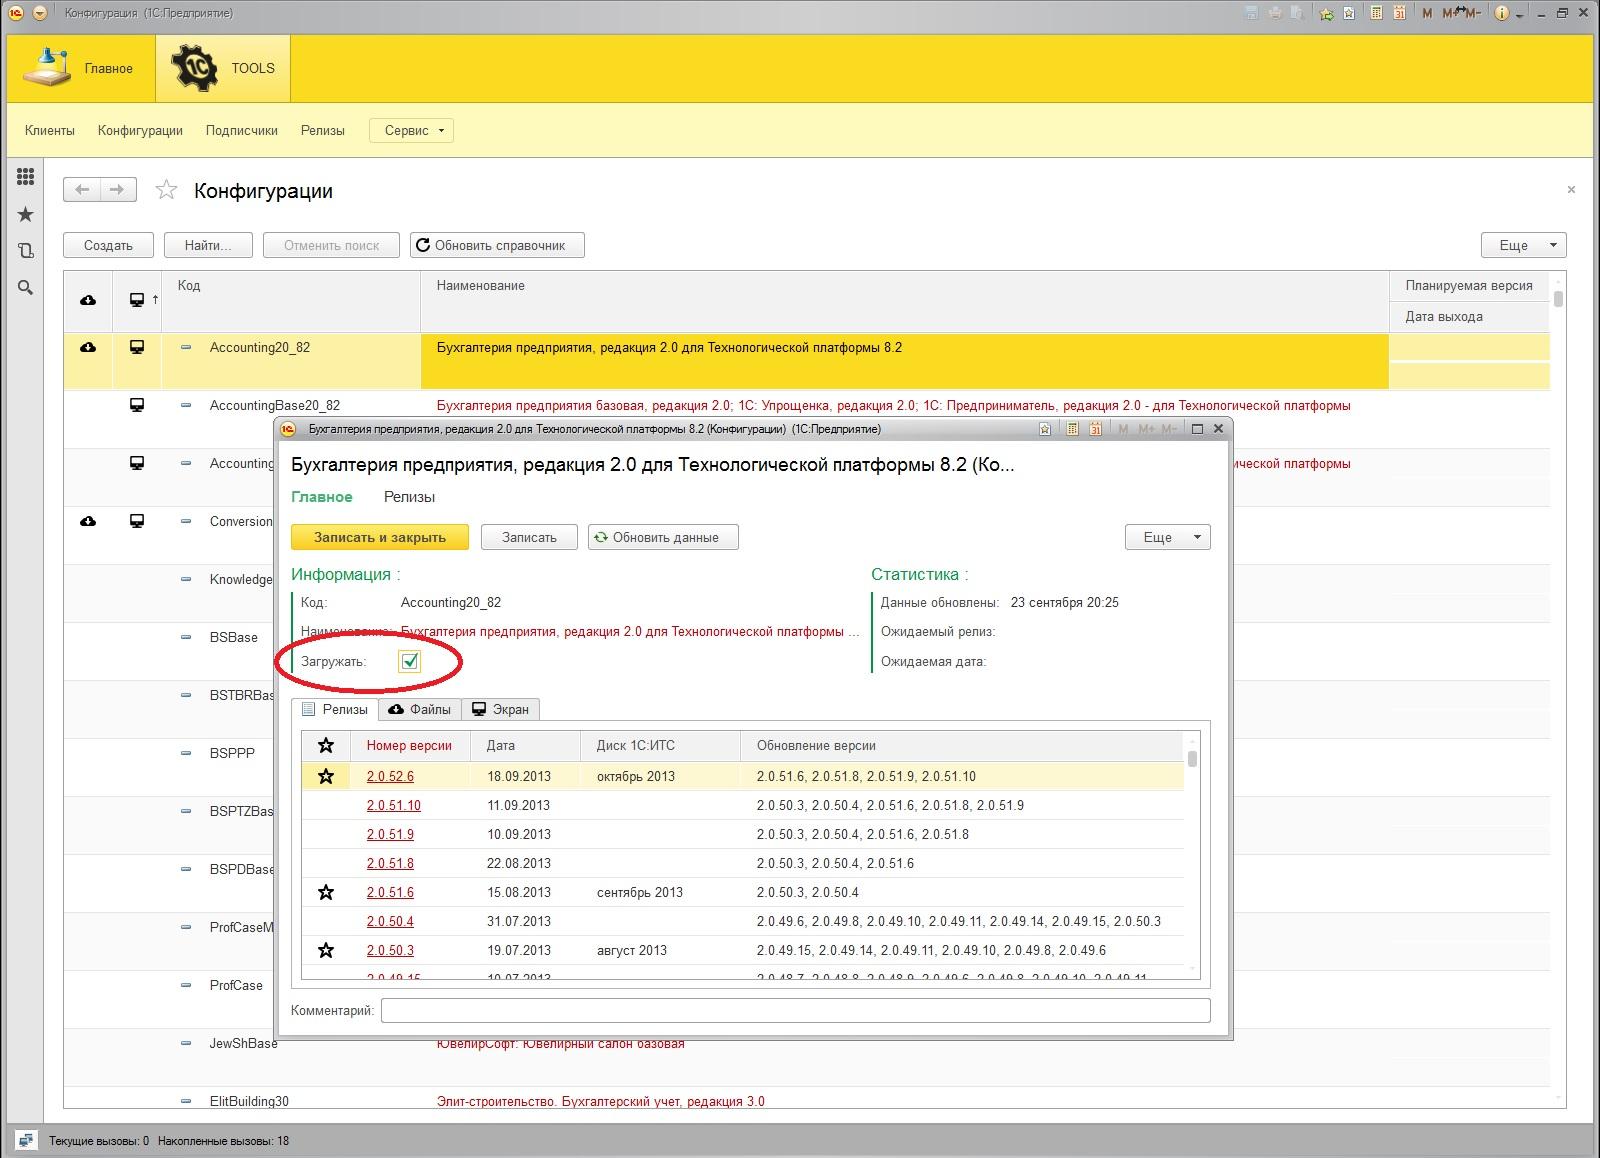 Конфигурации 1с автоматизация обновлений обновление 1с 7.7 бухгалтерия для усн на 2012 скачать